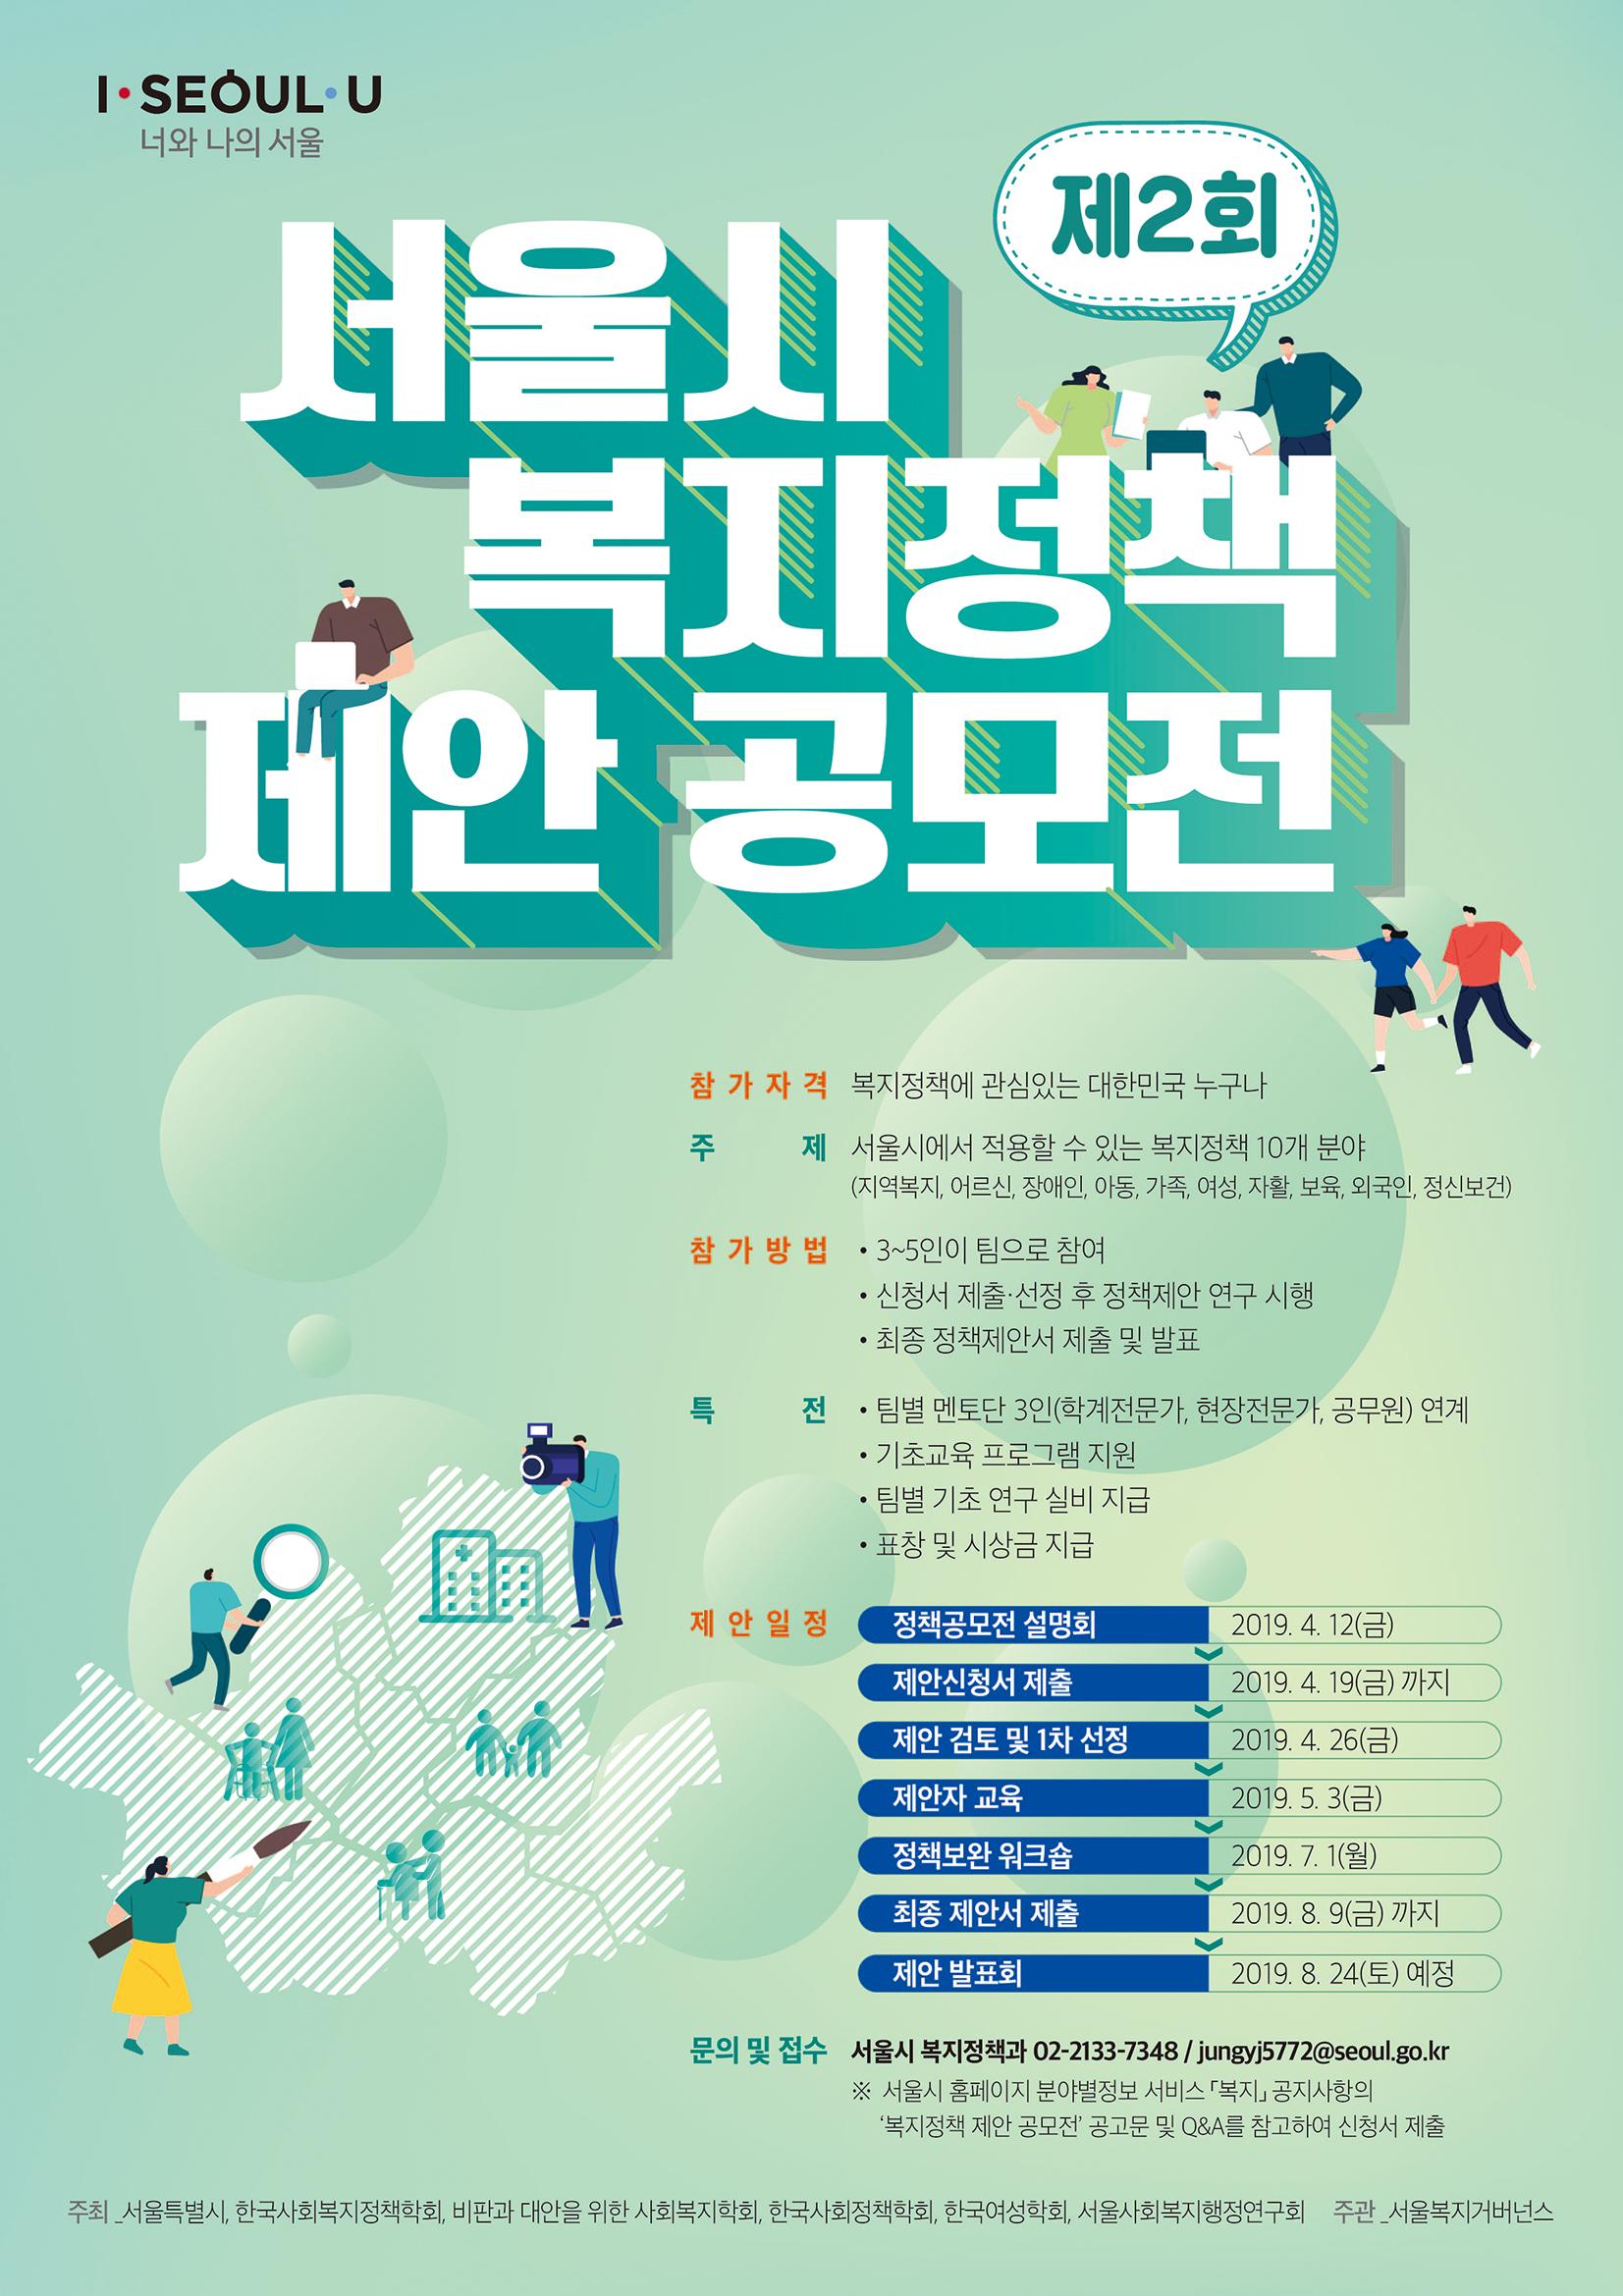 붙임3. 서울시복지정책제안공모전포스터.jpg